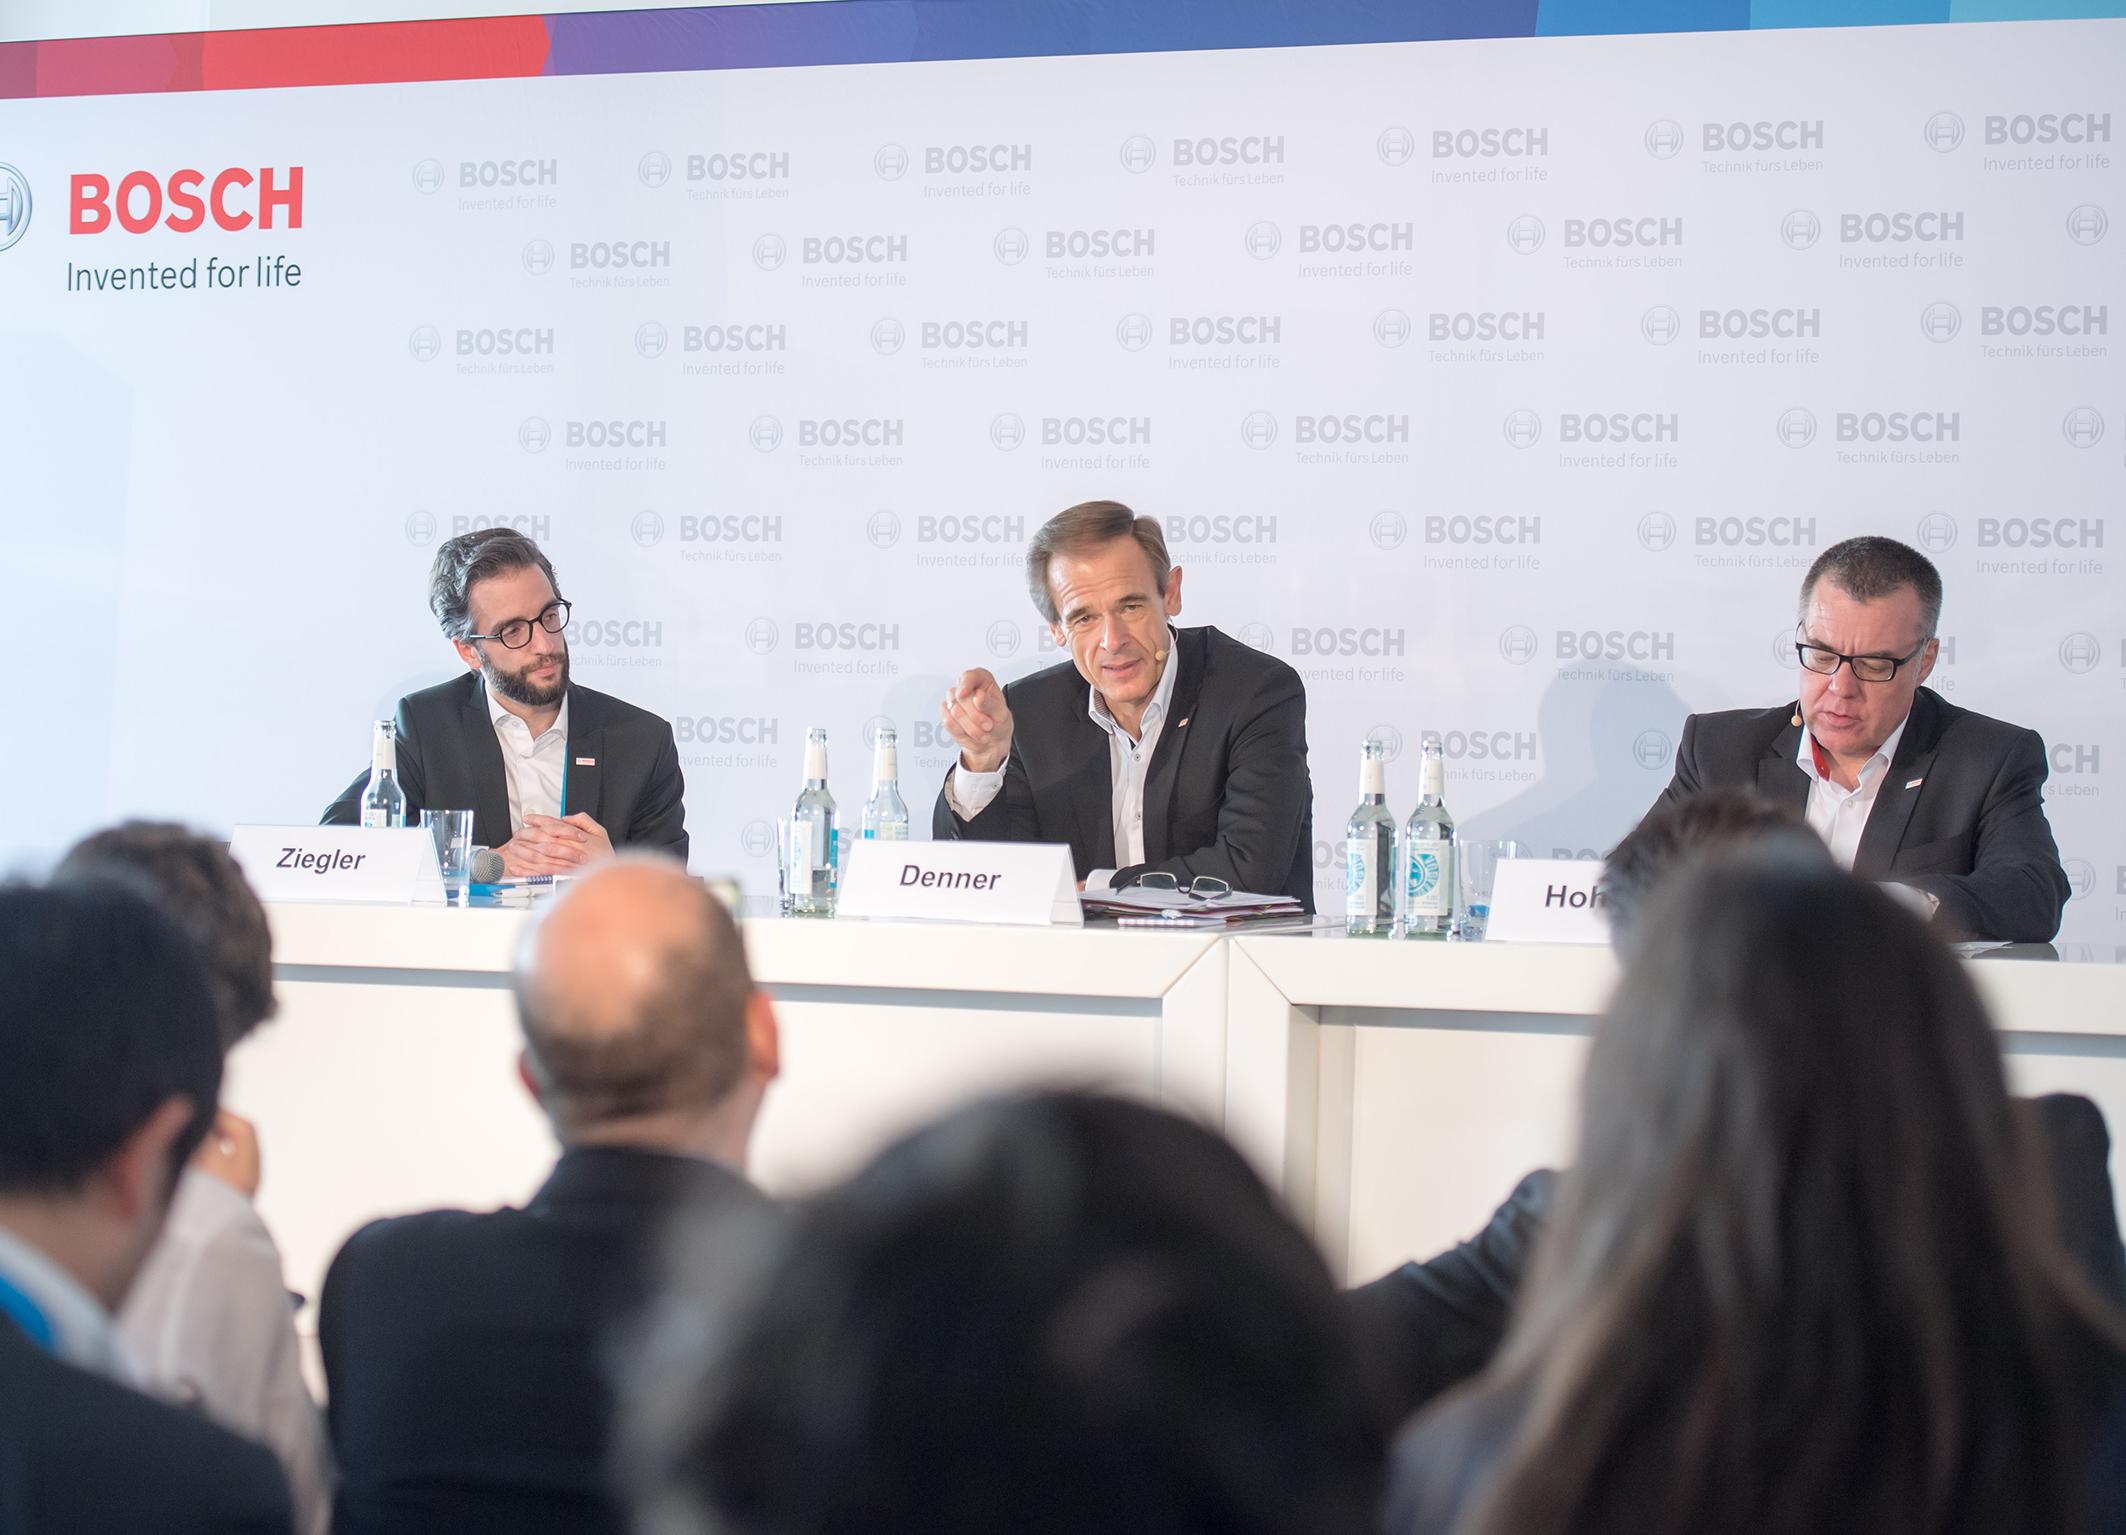 Pressekonferenz auf der Bosch ConnectedWorld 2017